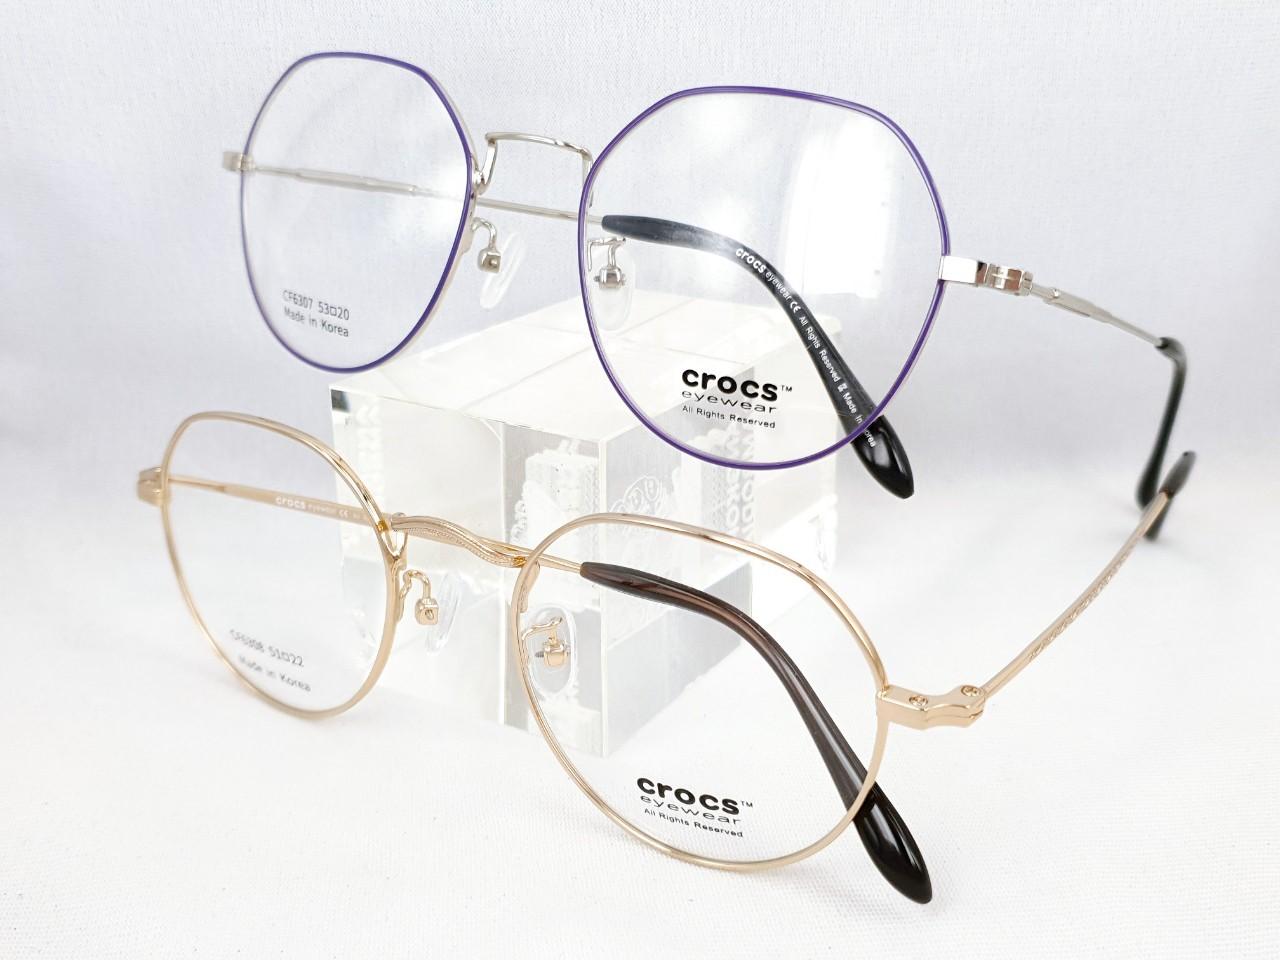 民視眼鏡品牌Crocs_191226_0009